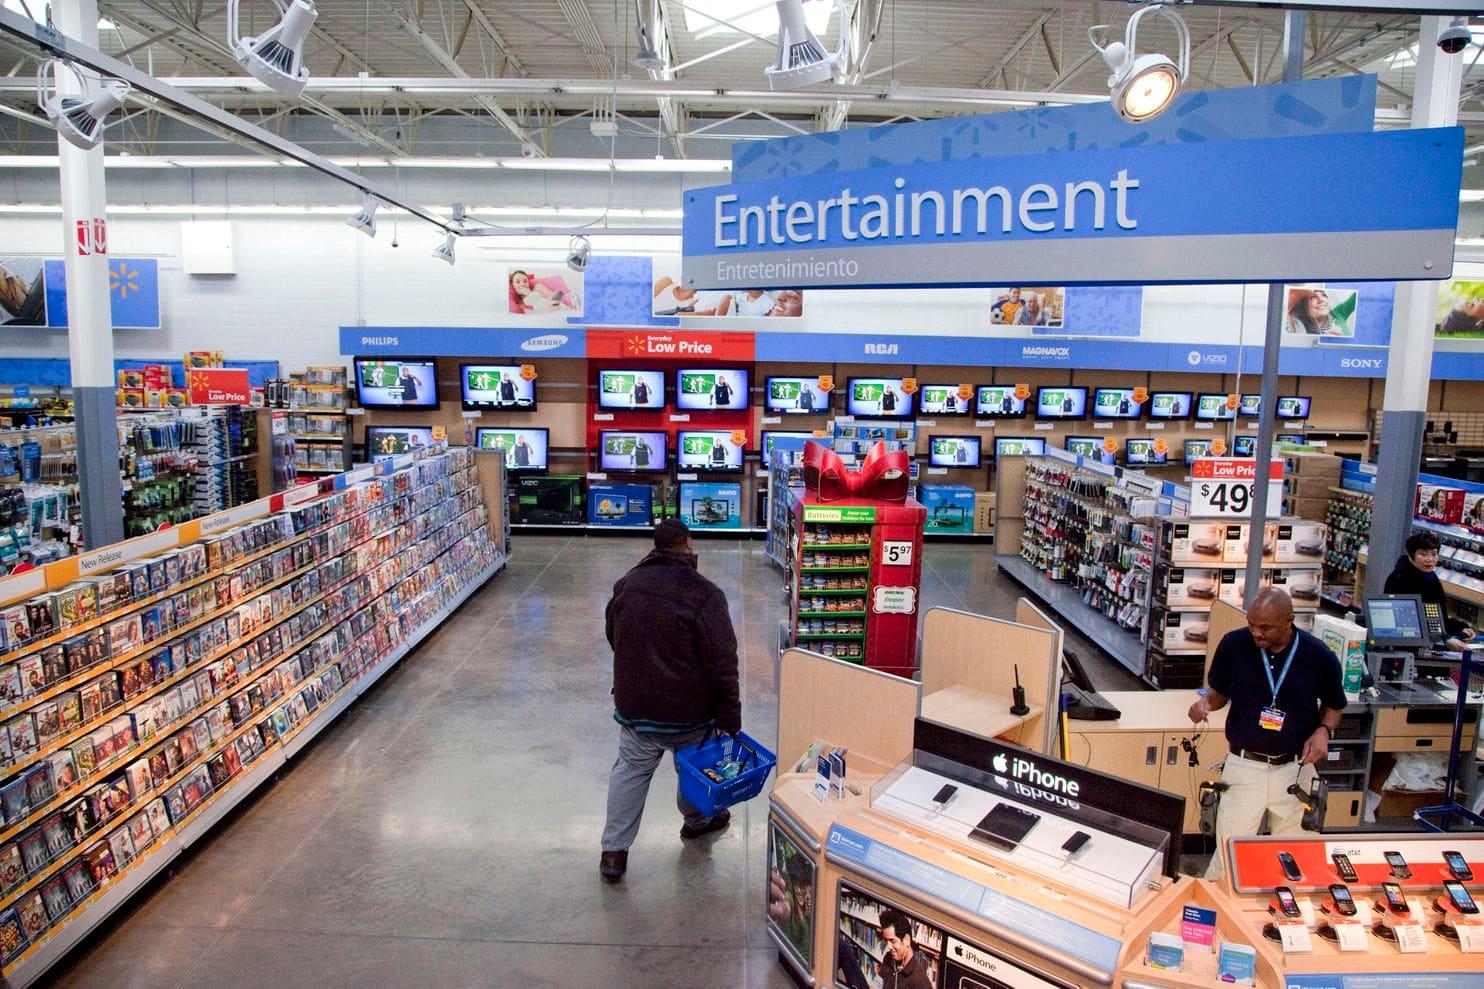 Walmart Menarik Semua Video Games dengan Kekerasan